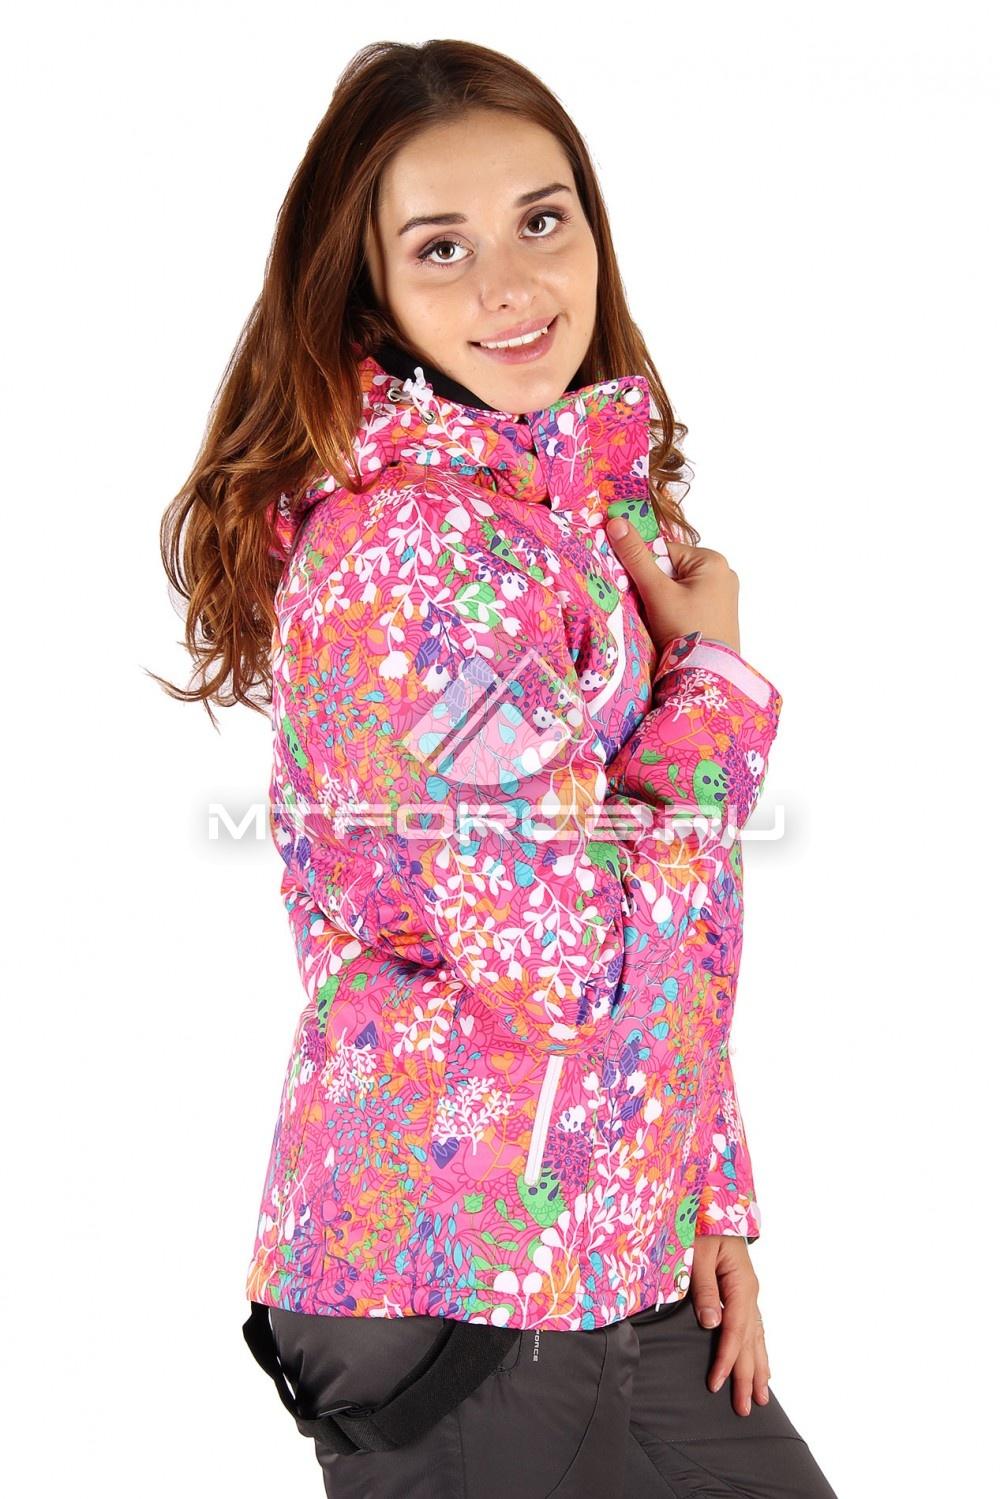 Горнолыжные костюмы, куртки, пальто - верхняя одежда для всей семьи от торговой марки MTForce